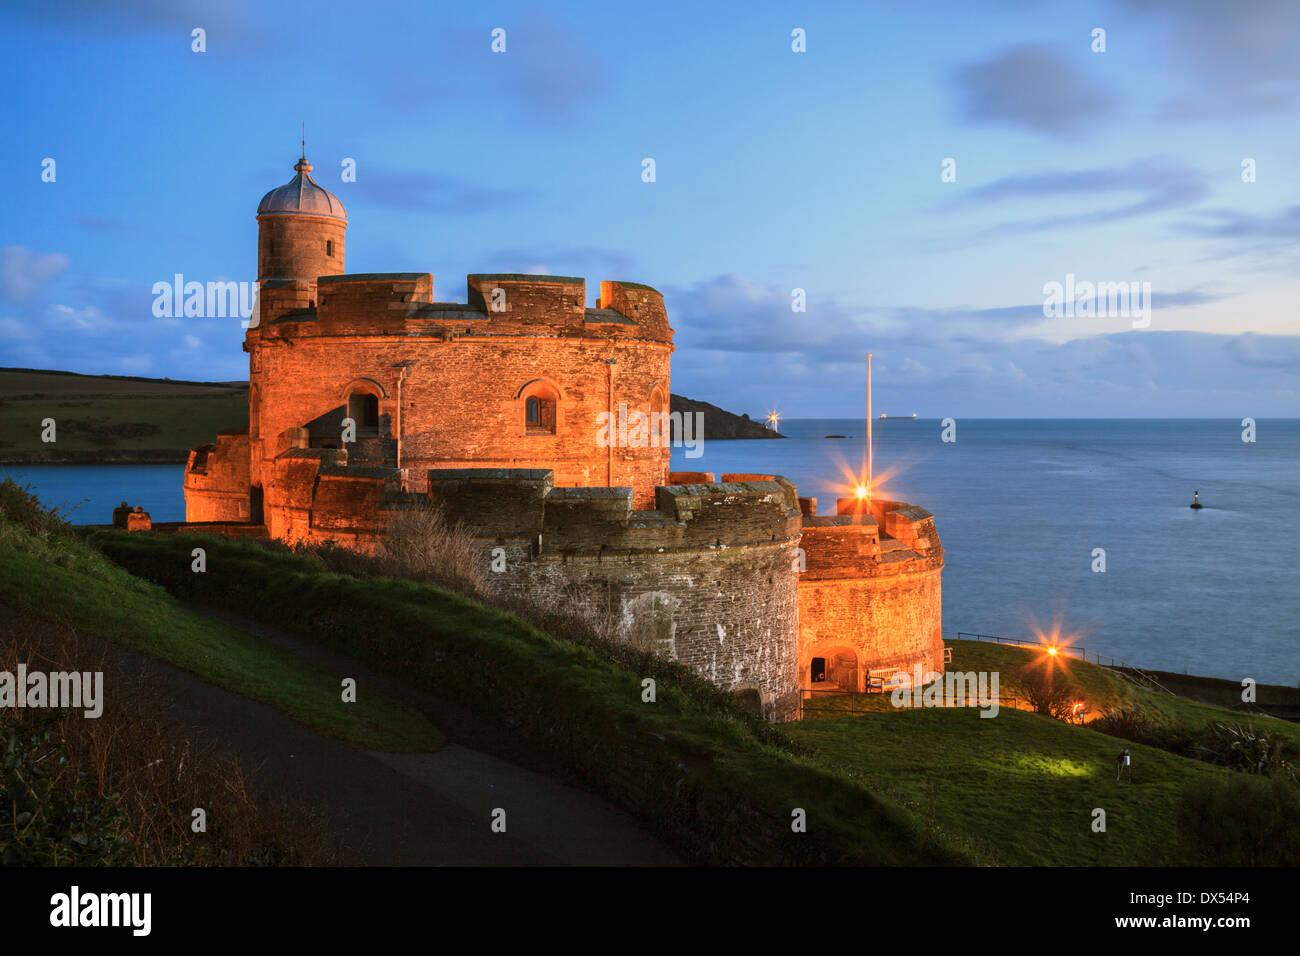 St Mawes Château capturé pendant le crépuscule Photo Stock